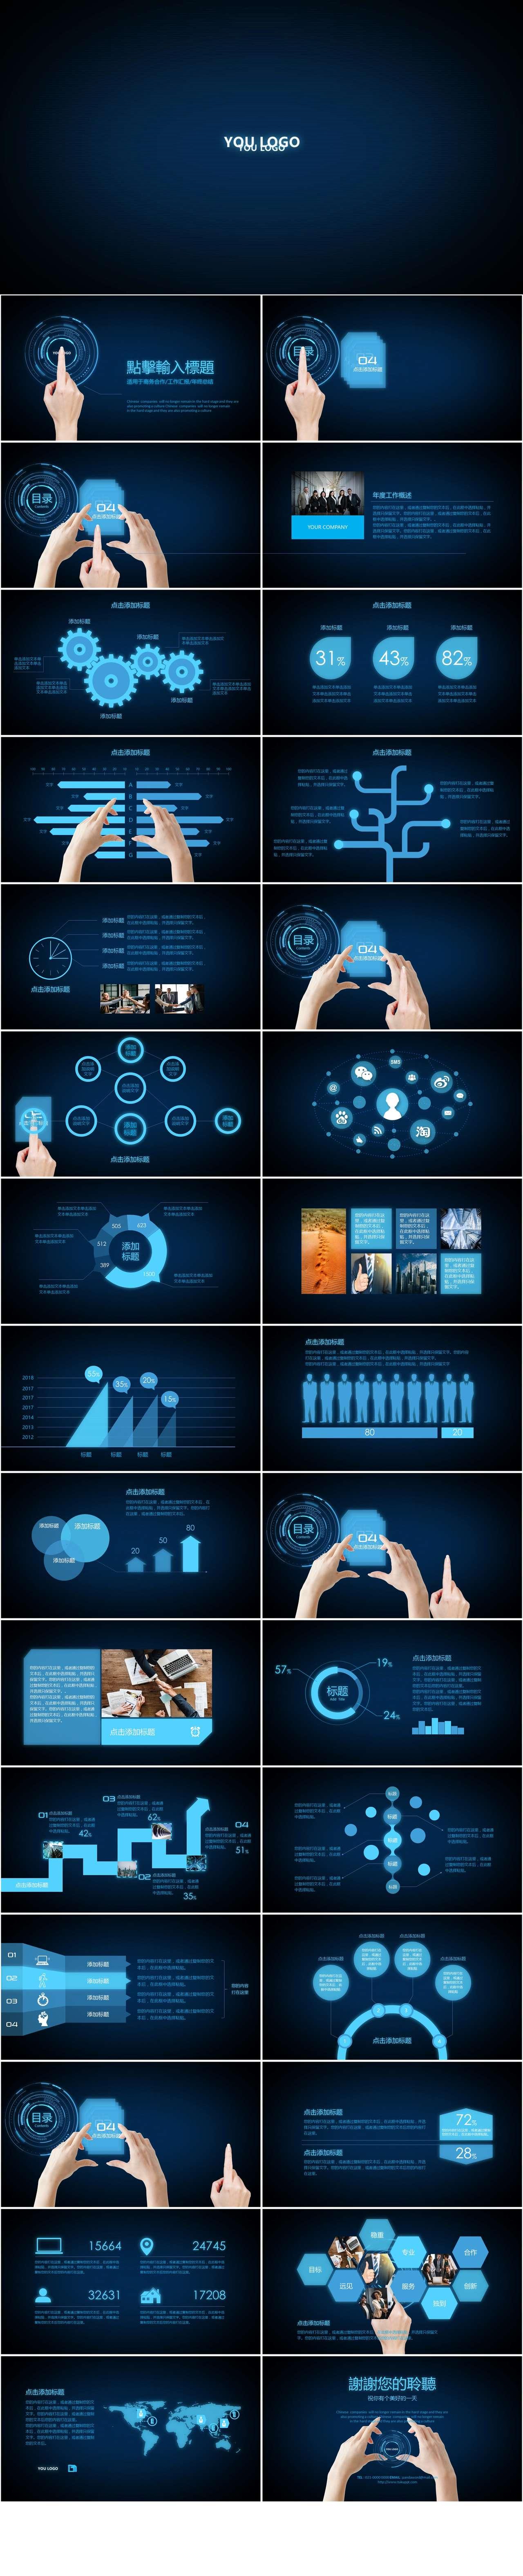 高逼格蓝色酷炫企业展示PPT模板插图1